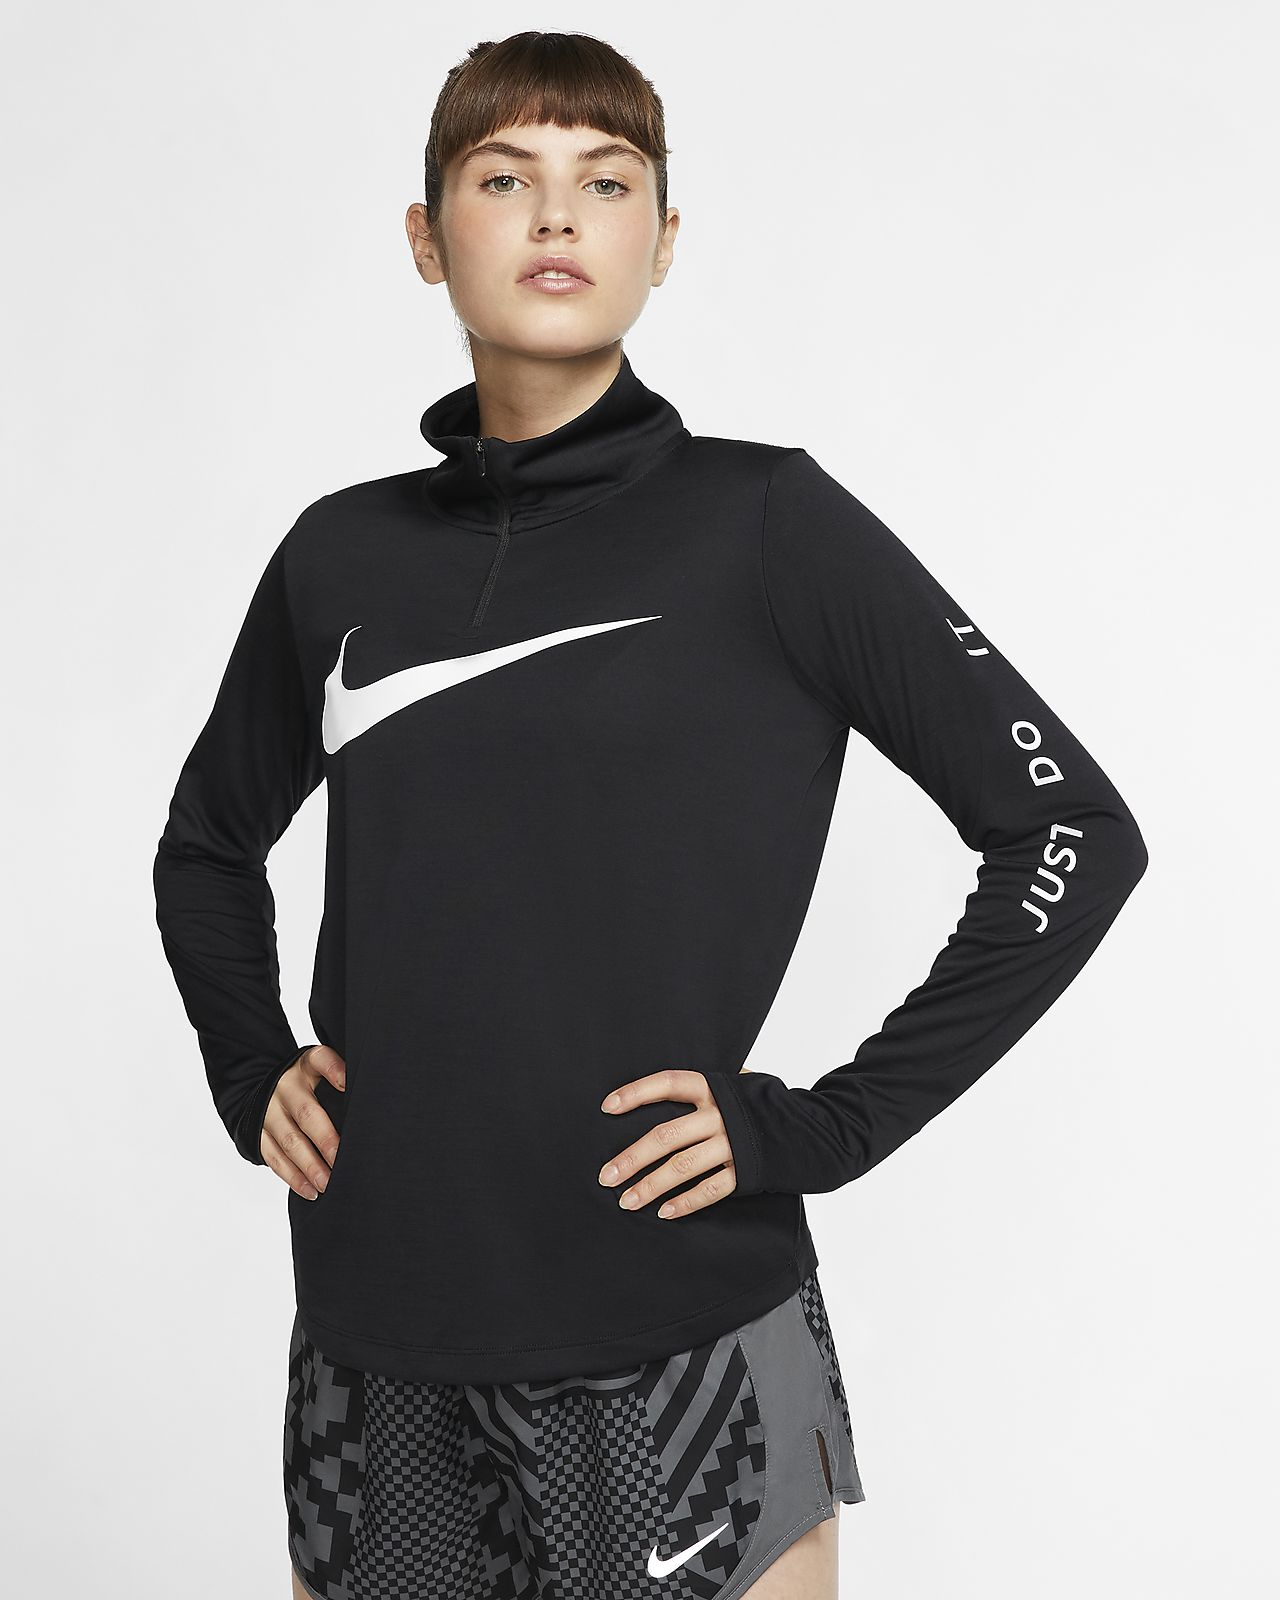 Женская беговая футболка с молнией длиной 1/4 Nike